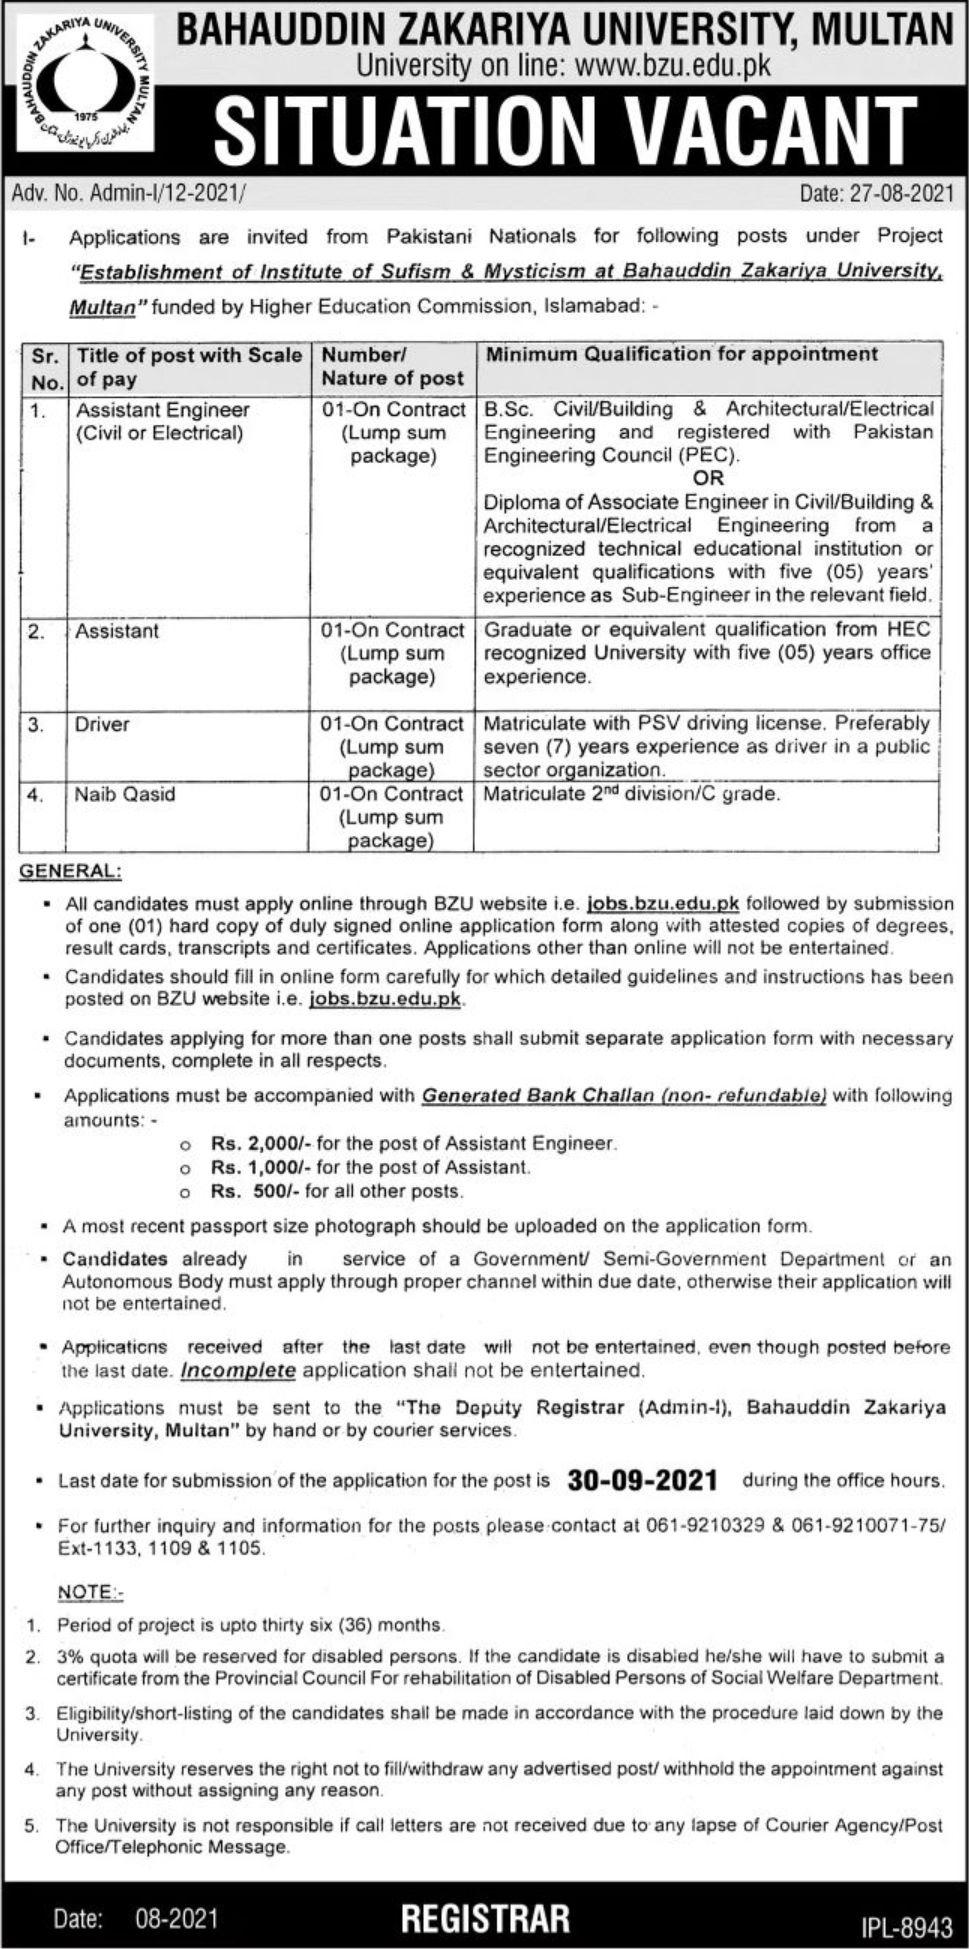 Bahauddin Zakariya University BZU Multan Vacancies 2021 3